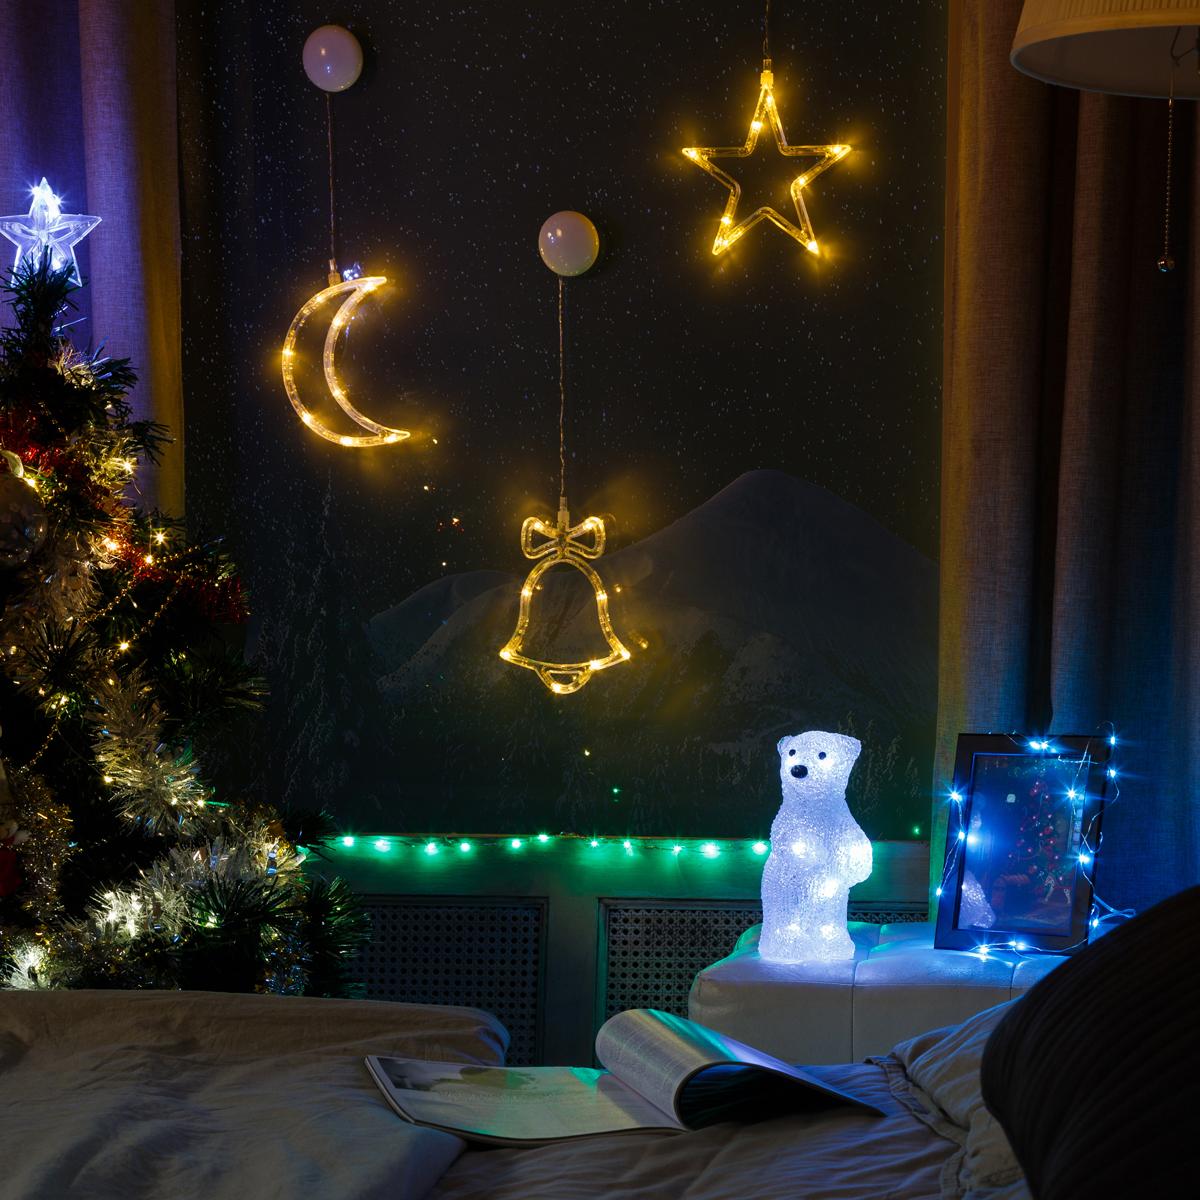 Комплект Neon-Night Спальня, для новогоднего украшения дома, цвет гирлянд: зеленый. 500-034500-034Не секрет, что самое хлопотное время в году - предновогоднее. Люди тратят массу времени и сил на поиск подарков для своих родных, близких, коллег и друзей. Подчас просто не остается времени на украшение дома и создание того самого желанного предновогоднего настроения. Спальня - место, где отдыхают после трудовых будней и насыщенных выходных. Место, где хочется спокойствия и гармонии. Для большего комфорта использованы гирлянды и фигурки с постоянным цветом свечения. Состав комплекта:- Универсальная интерьерная гирлянда Роса длиной 2м. Ее часто используют декораторы для украшения цветочных композиций и не только, так как сама гирлянда не боится воды (кроме батарейного блока, который можно спрятать за вазой).- Три большие светящиеся фигуры на присосках.- Светящийся Медвежонок размером 18 см. Набор уже укомплектован всеми необходимыми батарейками. Подарите новогоднее настроение себе и близким, украсив спальню всего за 15 минут!